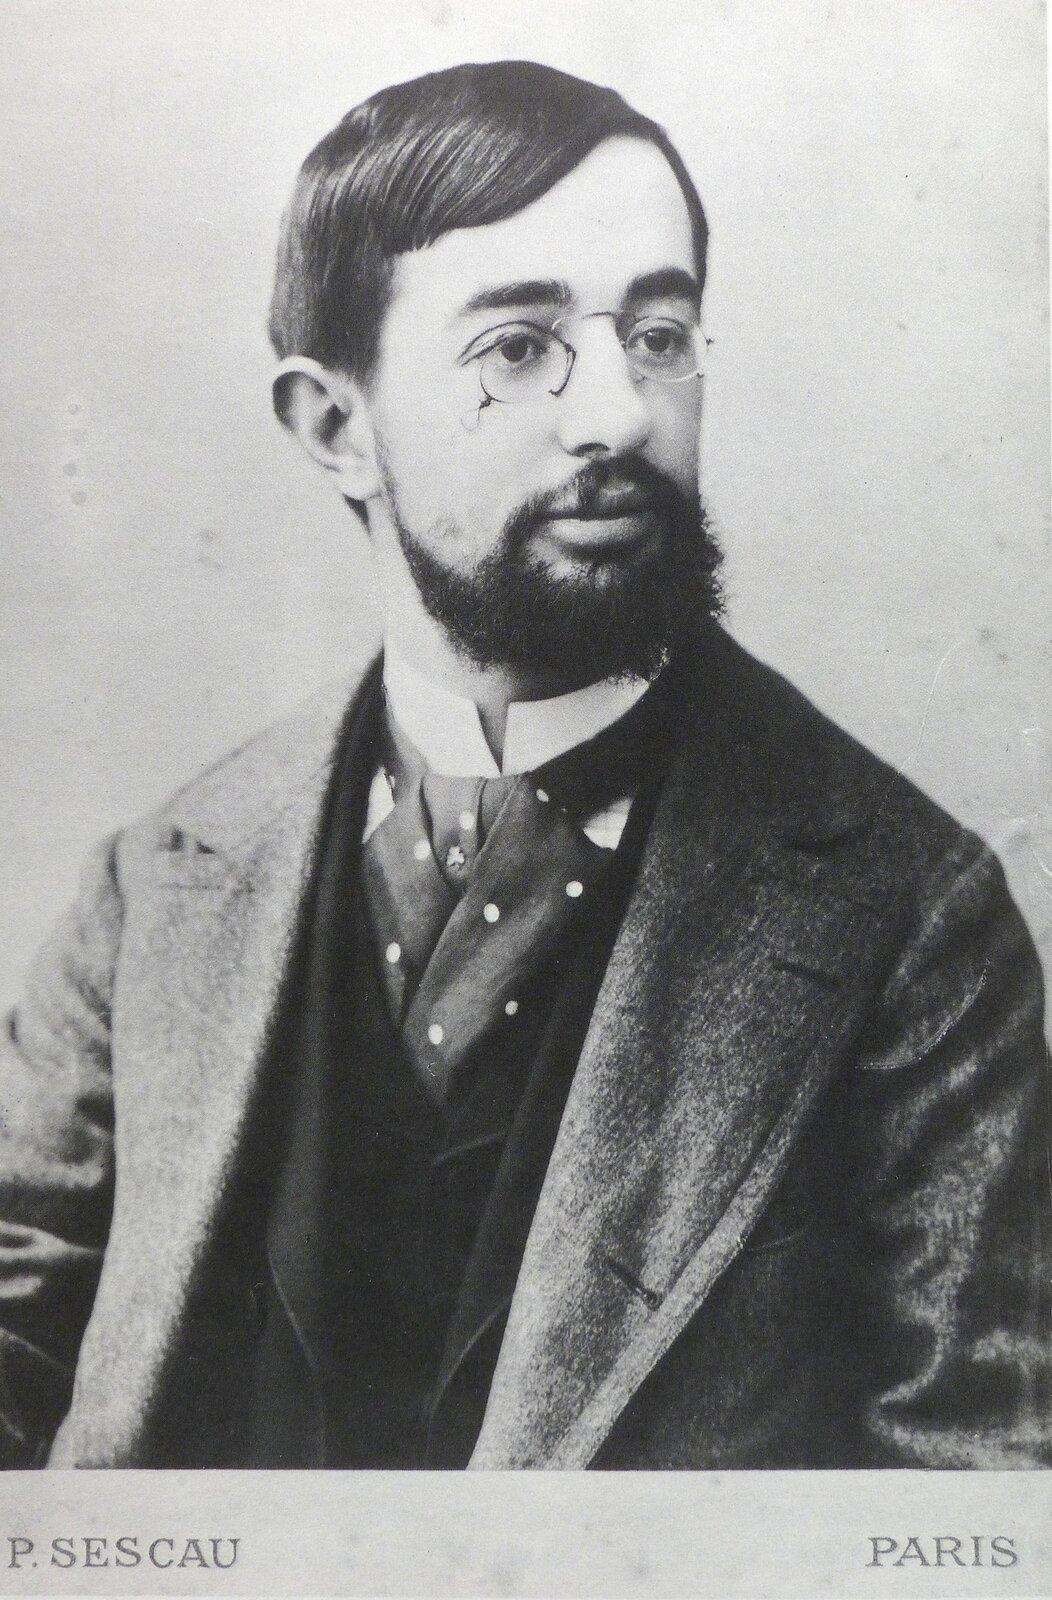 Portret Henri Toulouse-Lautreca Źródło: Paul Sescau, Portret Henri Toulouse-Lautreca, 1880/1890, fotografia, domena publiczna.